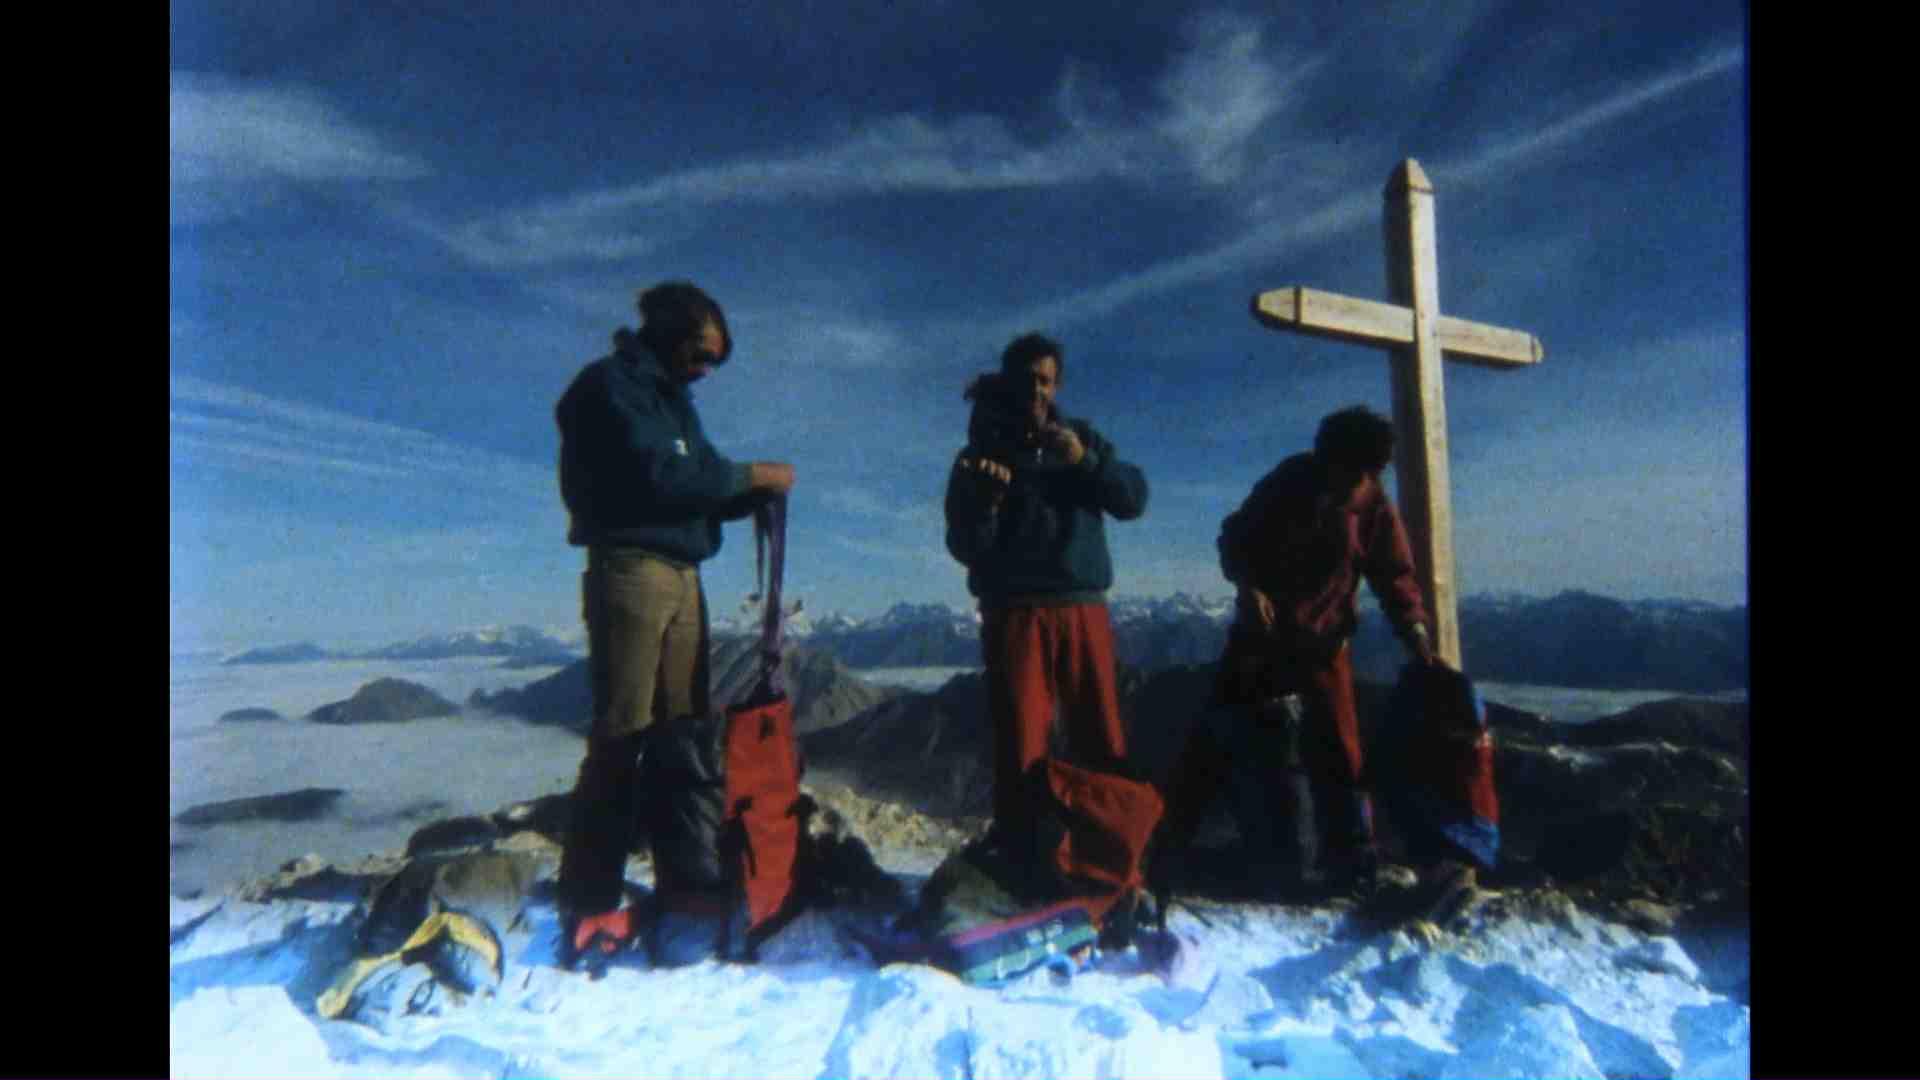 René Desmaison La passion des Hautes Alpes - Version courte